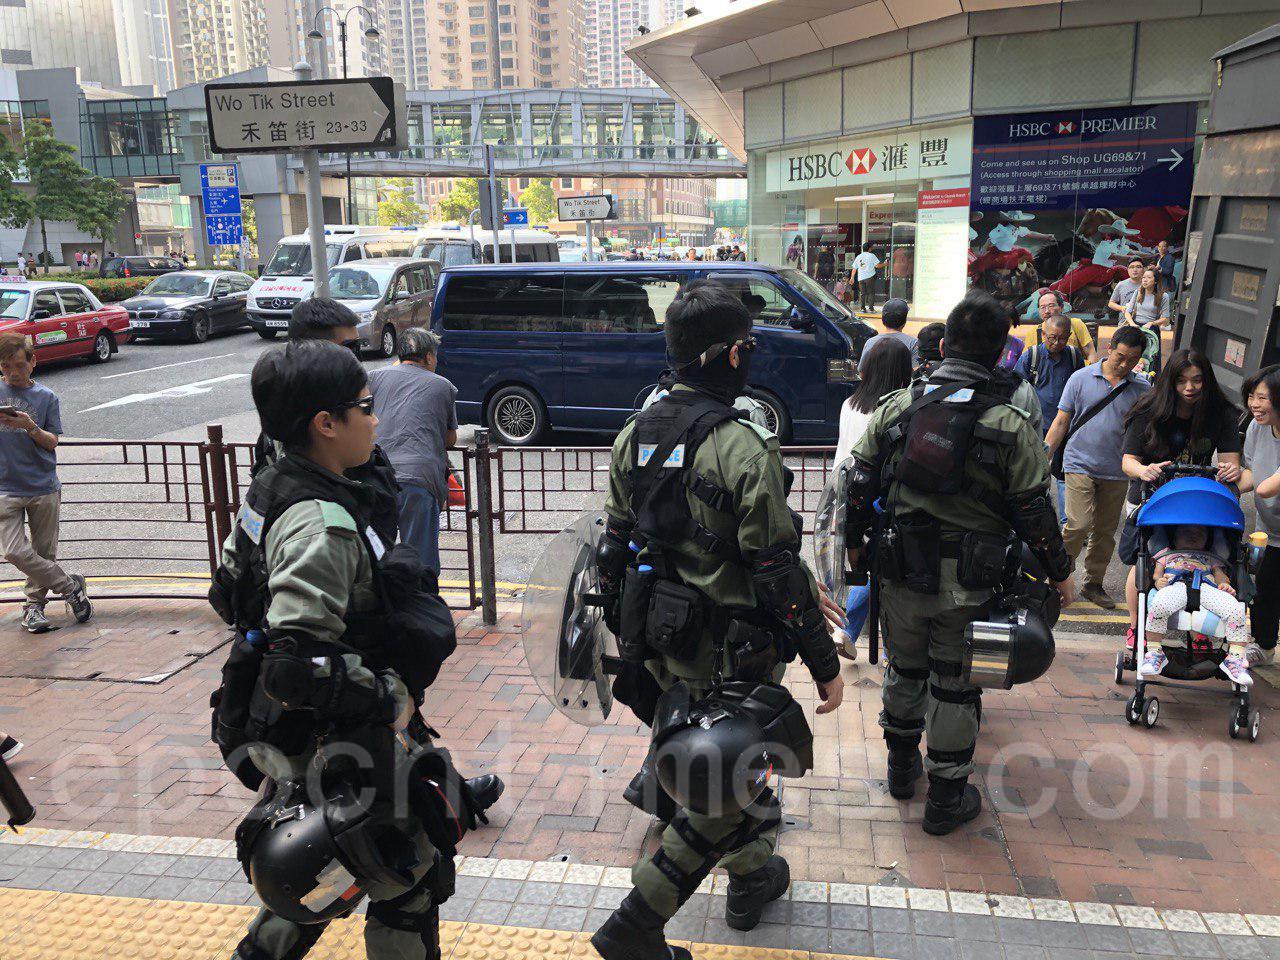 11月3日,在荃灣公園附近,出現大批防暴警察巡邏,截查行人。(余天佑/大紀元)